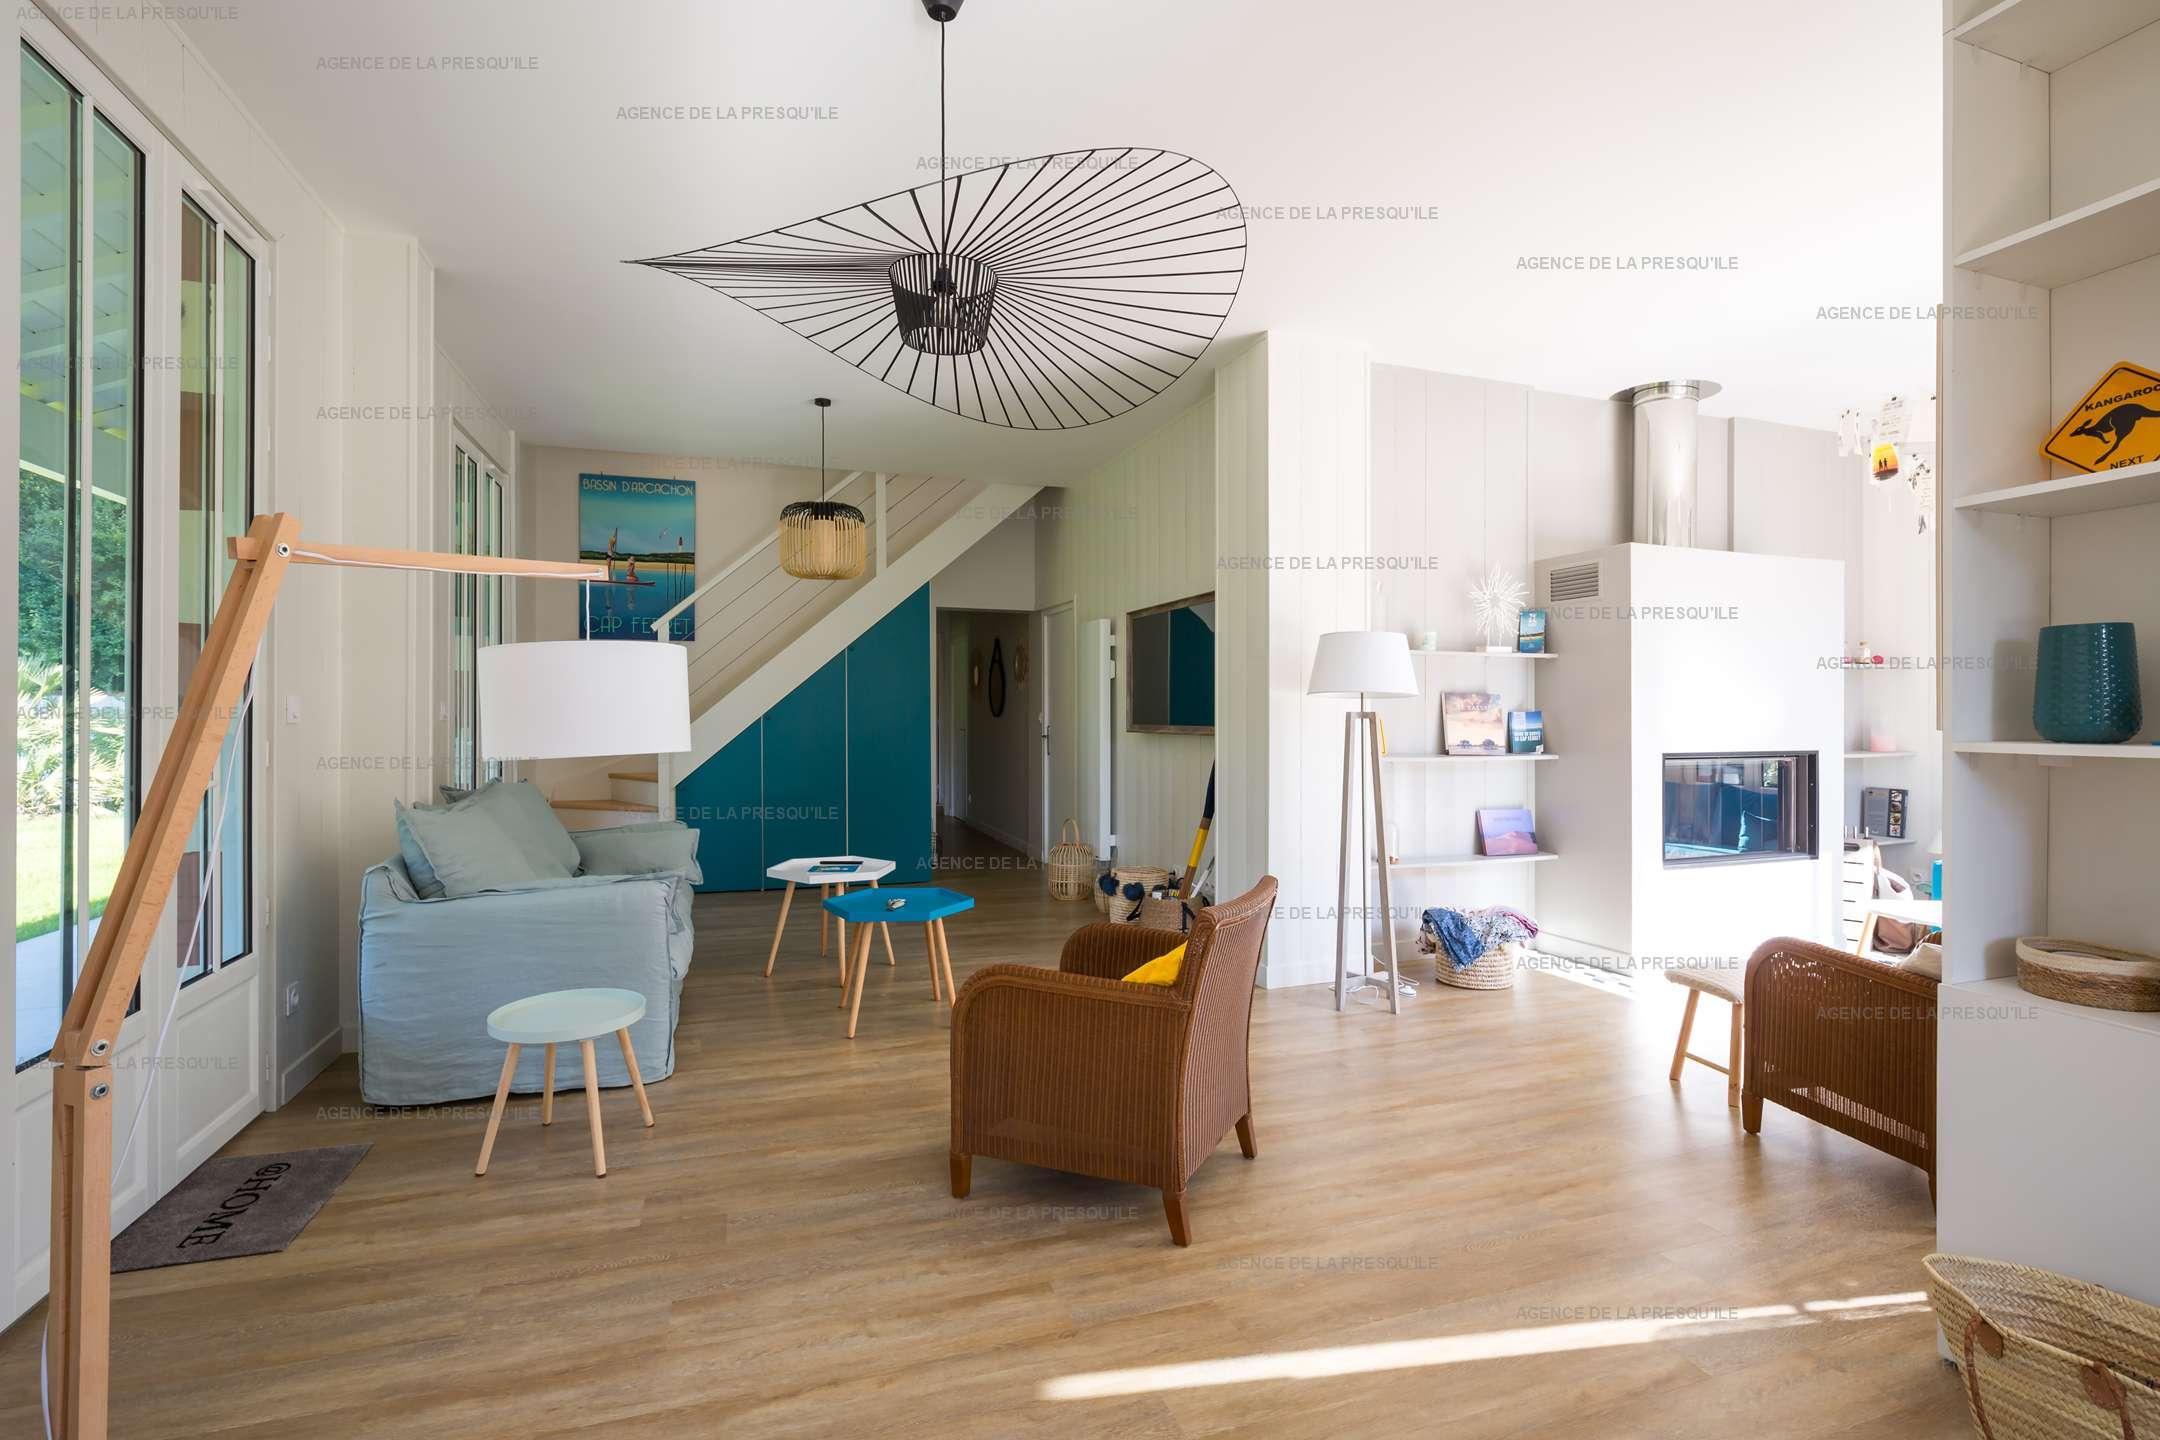 Location: Très belle villa avec piscine au centre du cap-ferret 3